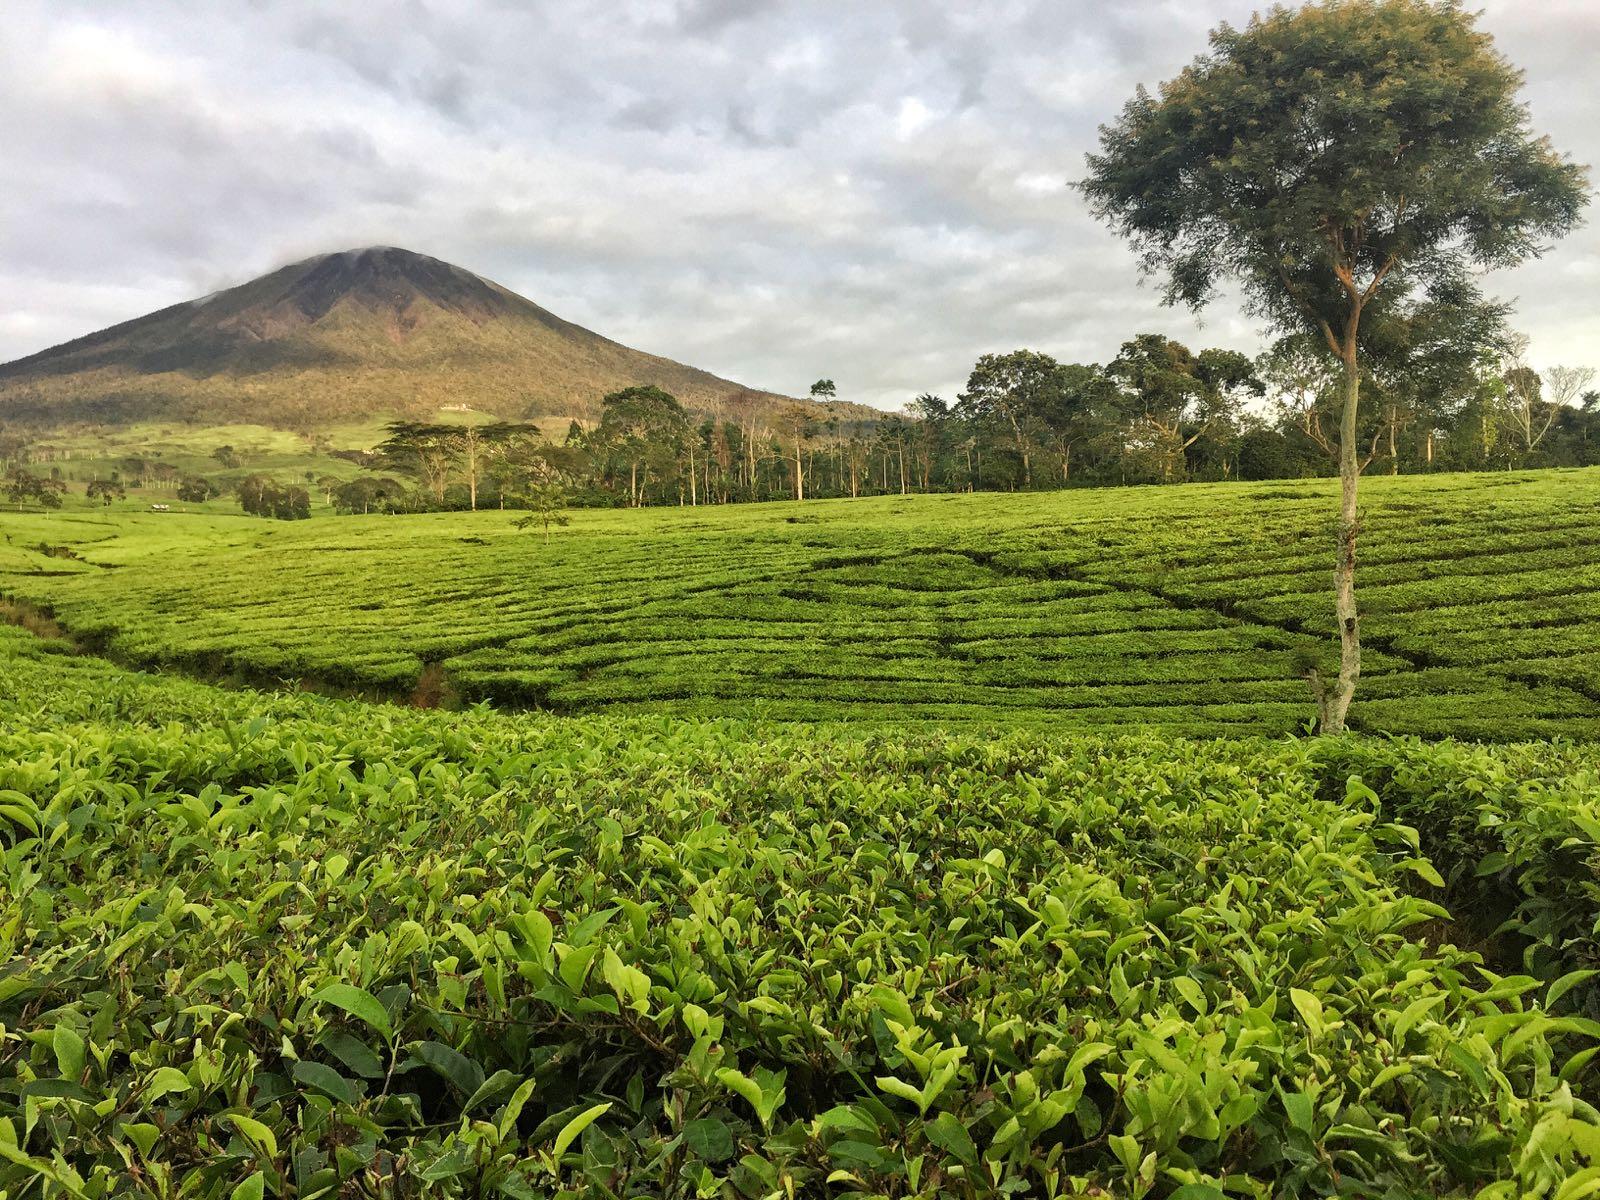 Gunung Dempo